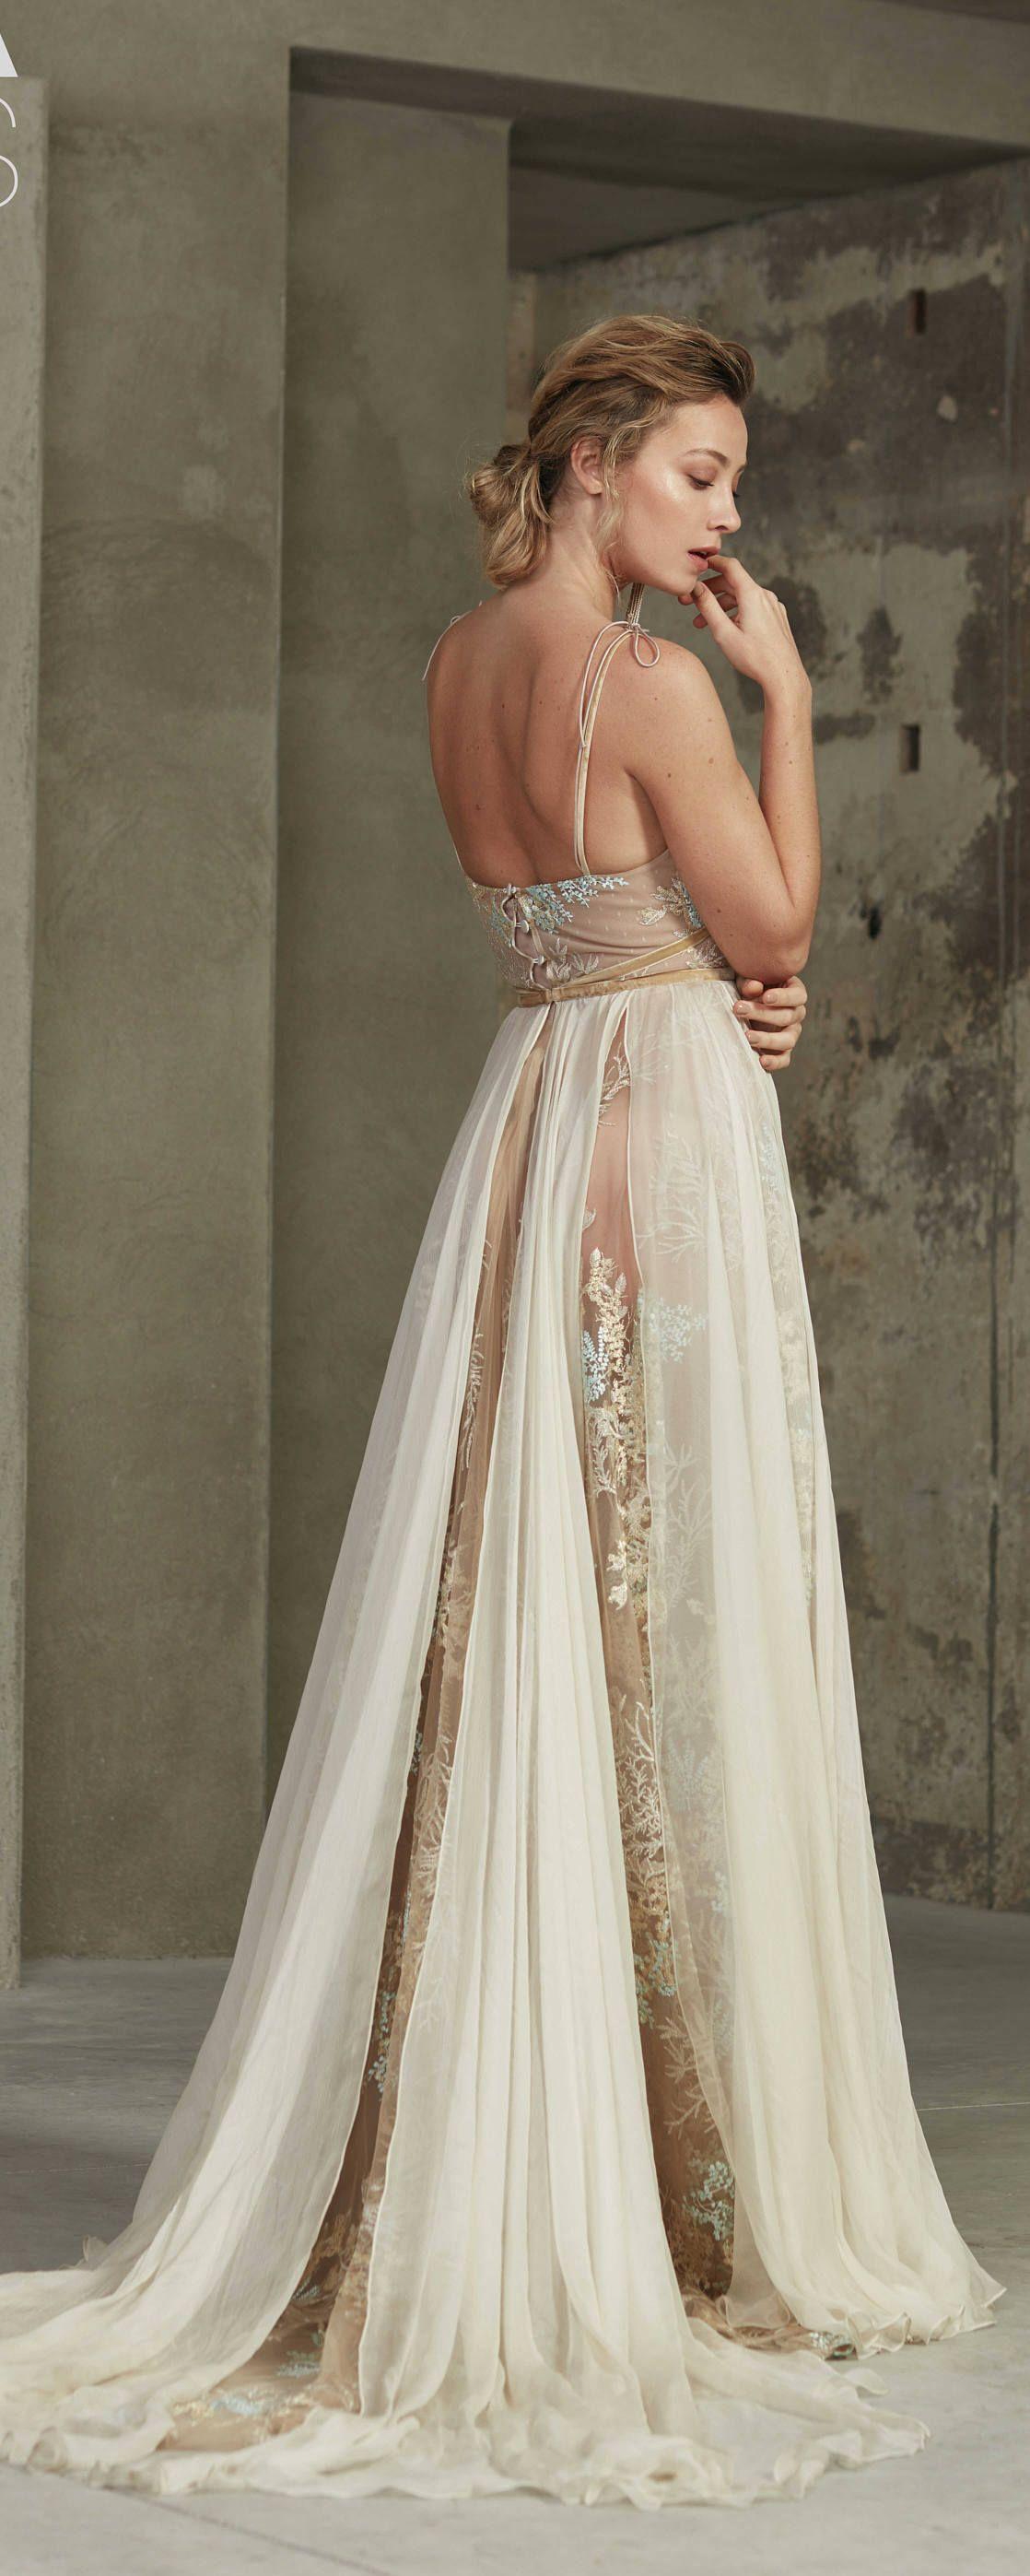 Wedding Dress Kalina Color Beige Bridal